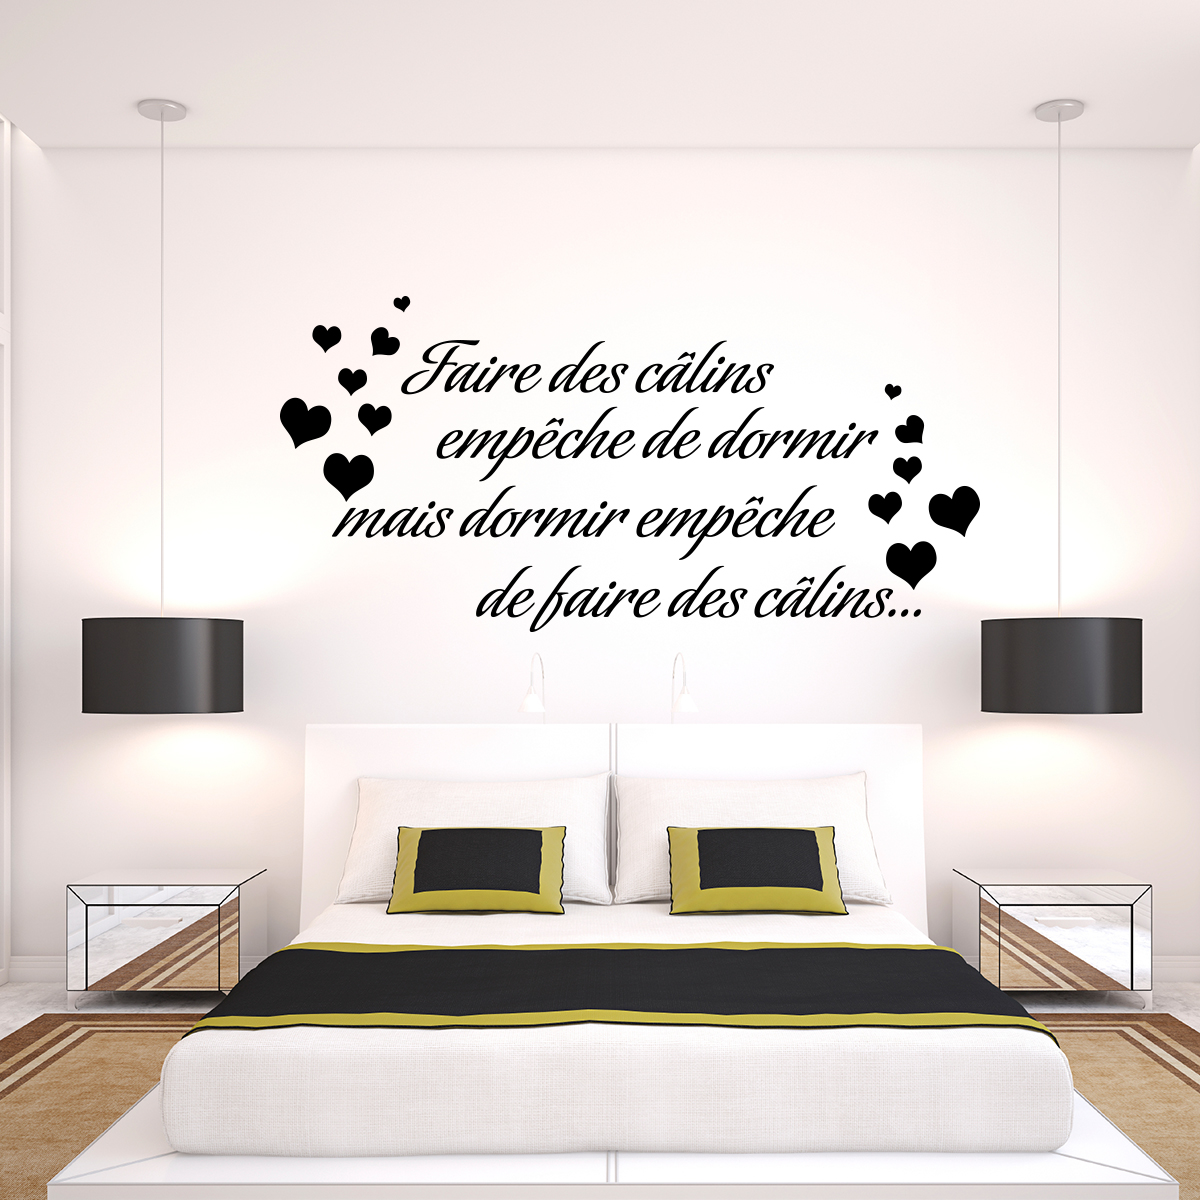 Sticker citation Faire des clins empche de dormir  Stickers Citations Franais  Ambiancesticker